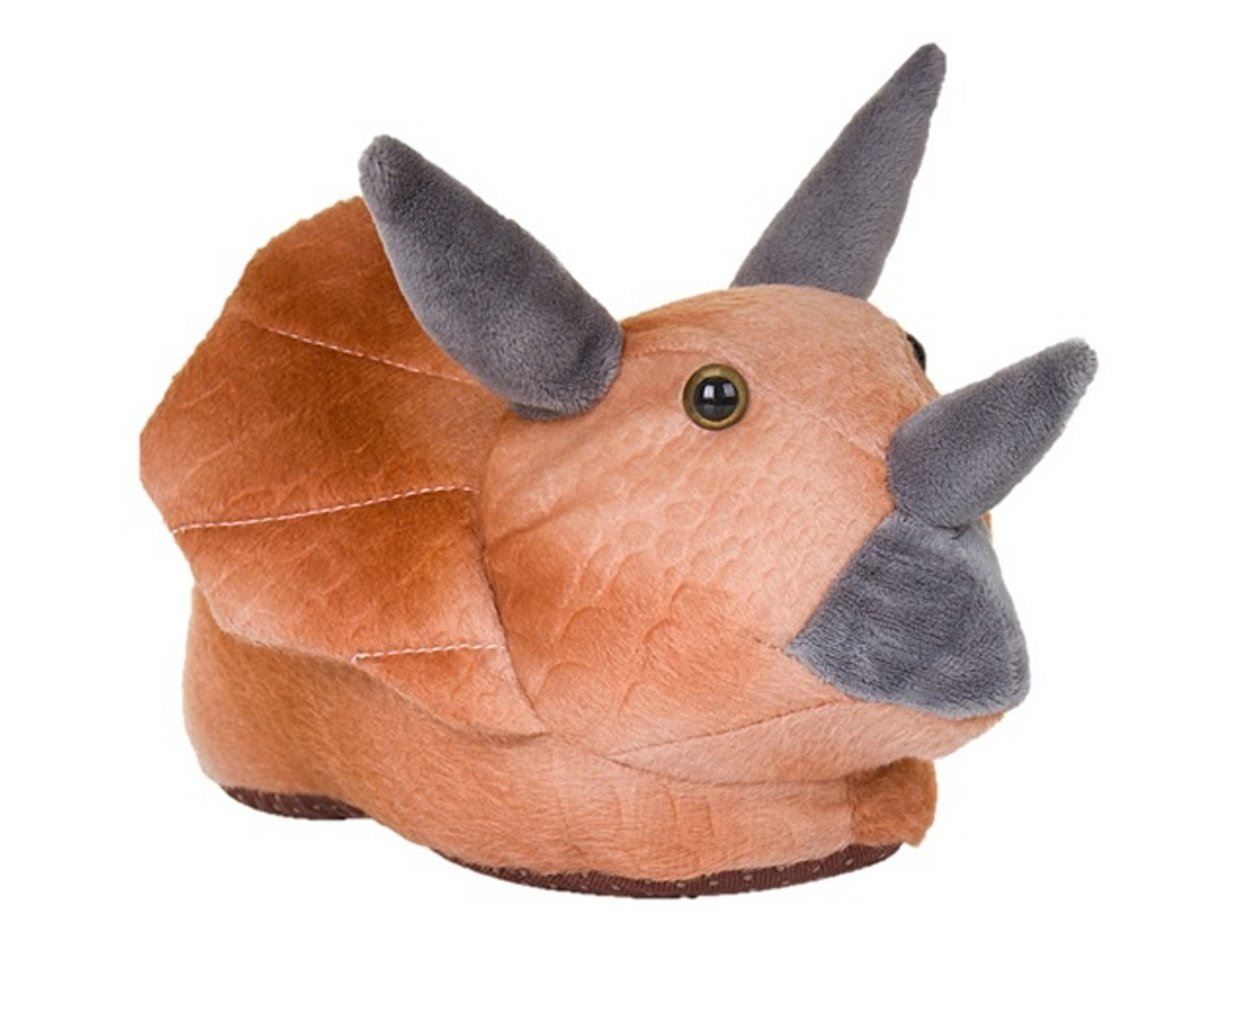 Garçons Dinosaure Nouveauté 3D Character Plush Animal Pantoufles UK 9-3